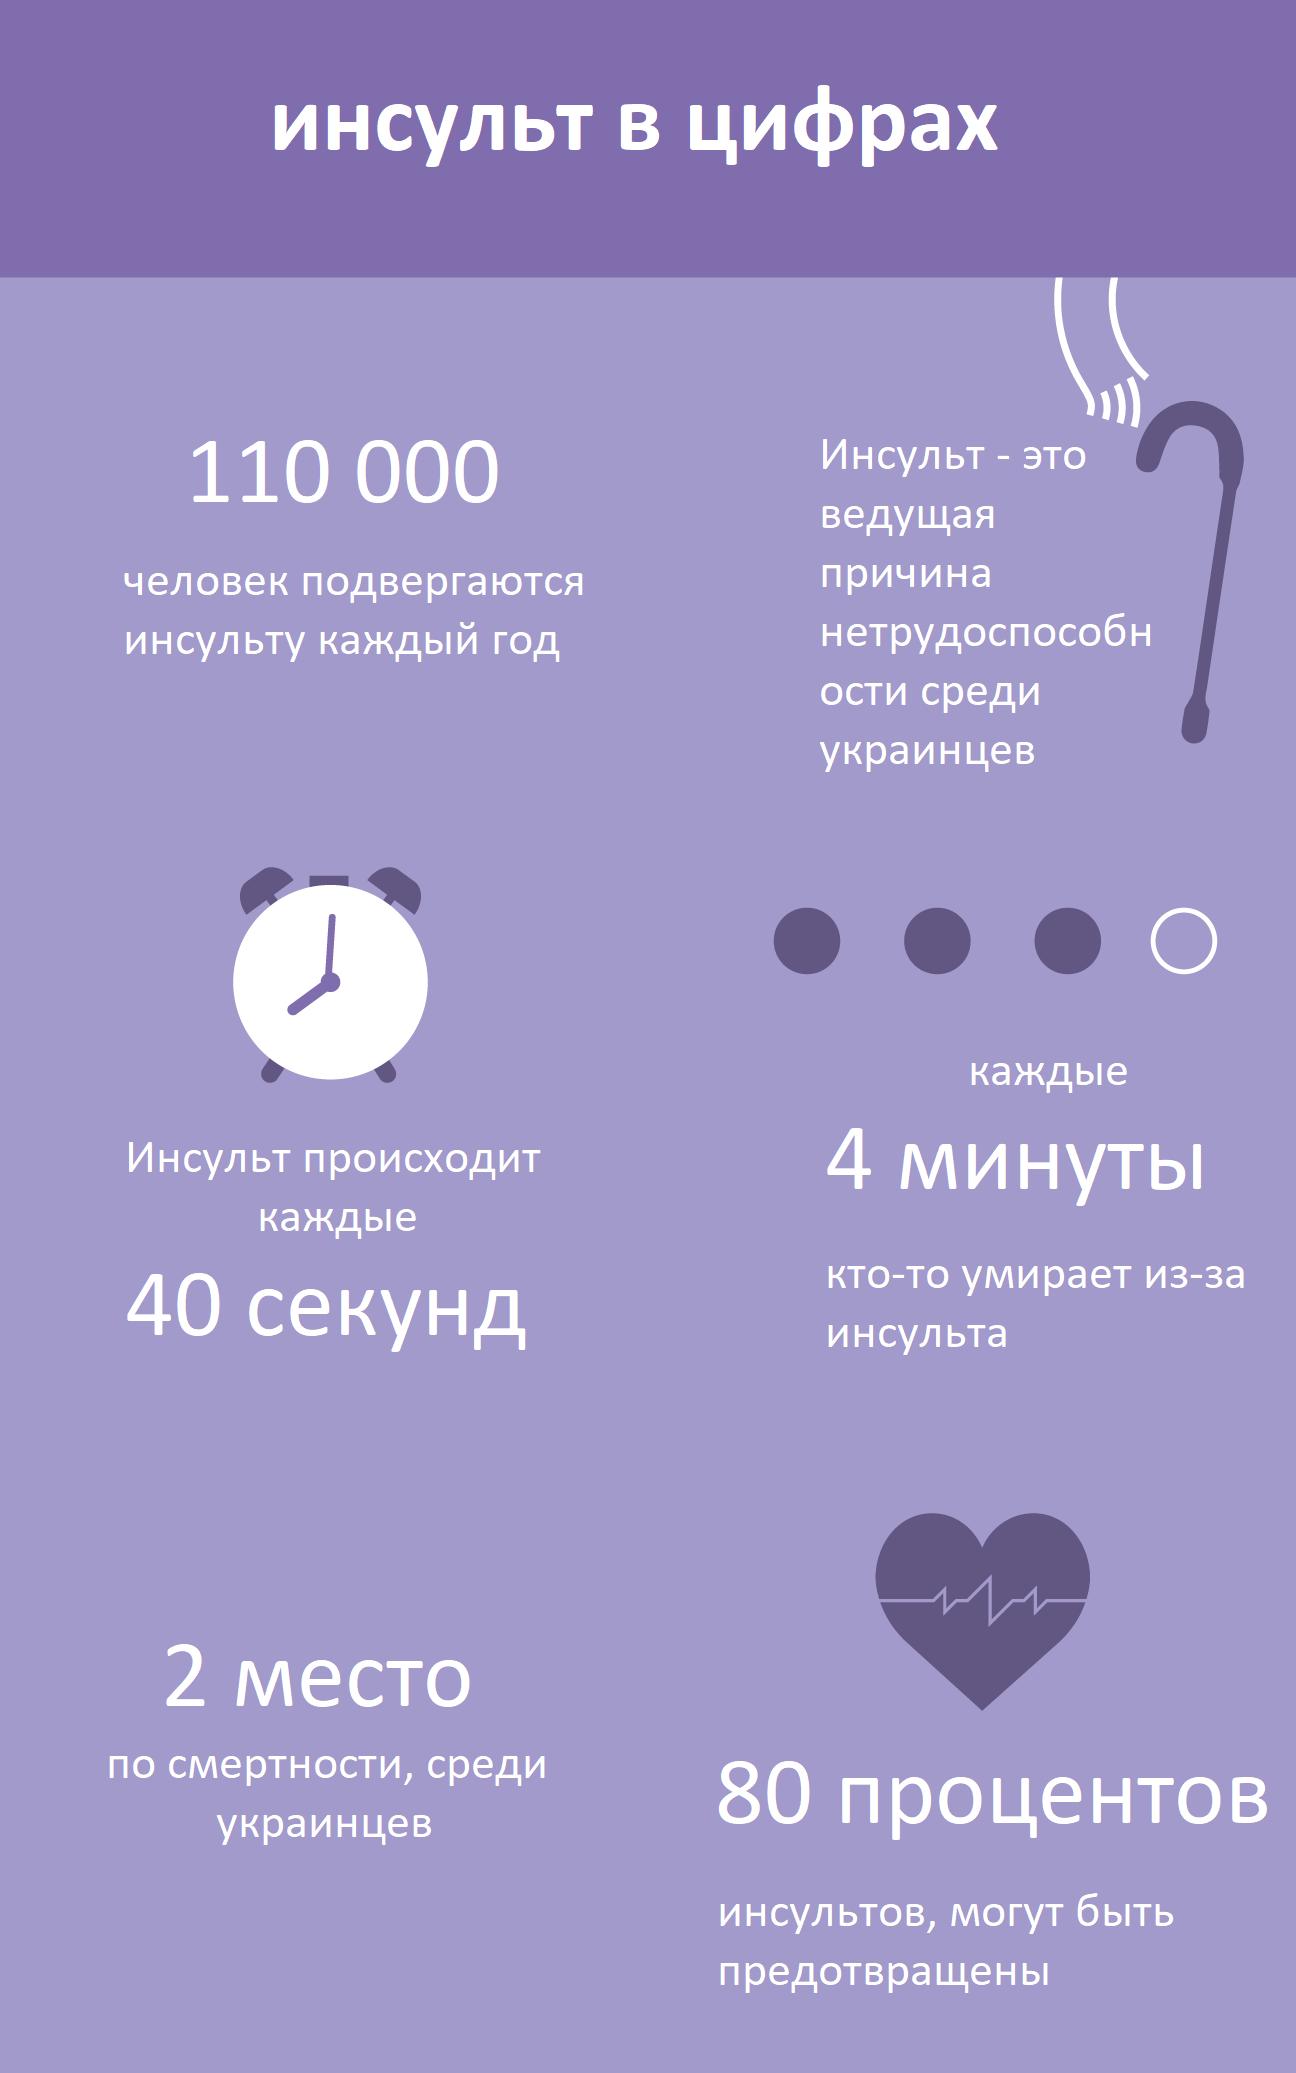 Инсульт в цифрах, украина